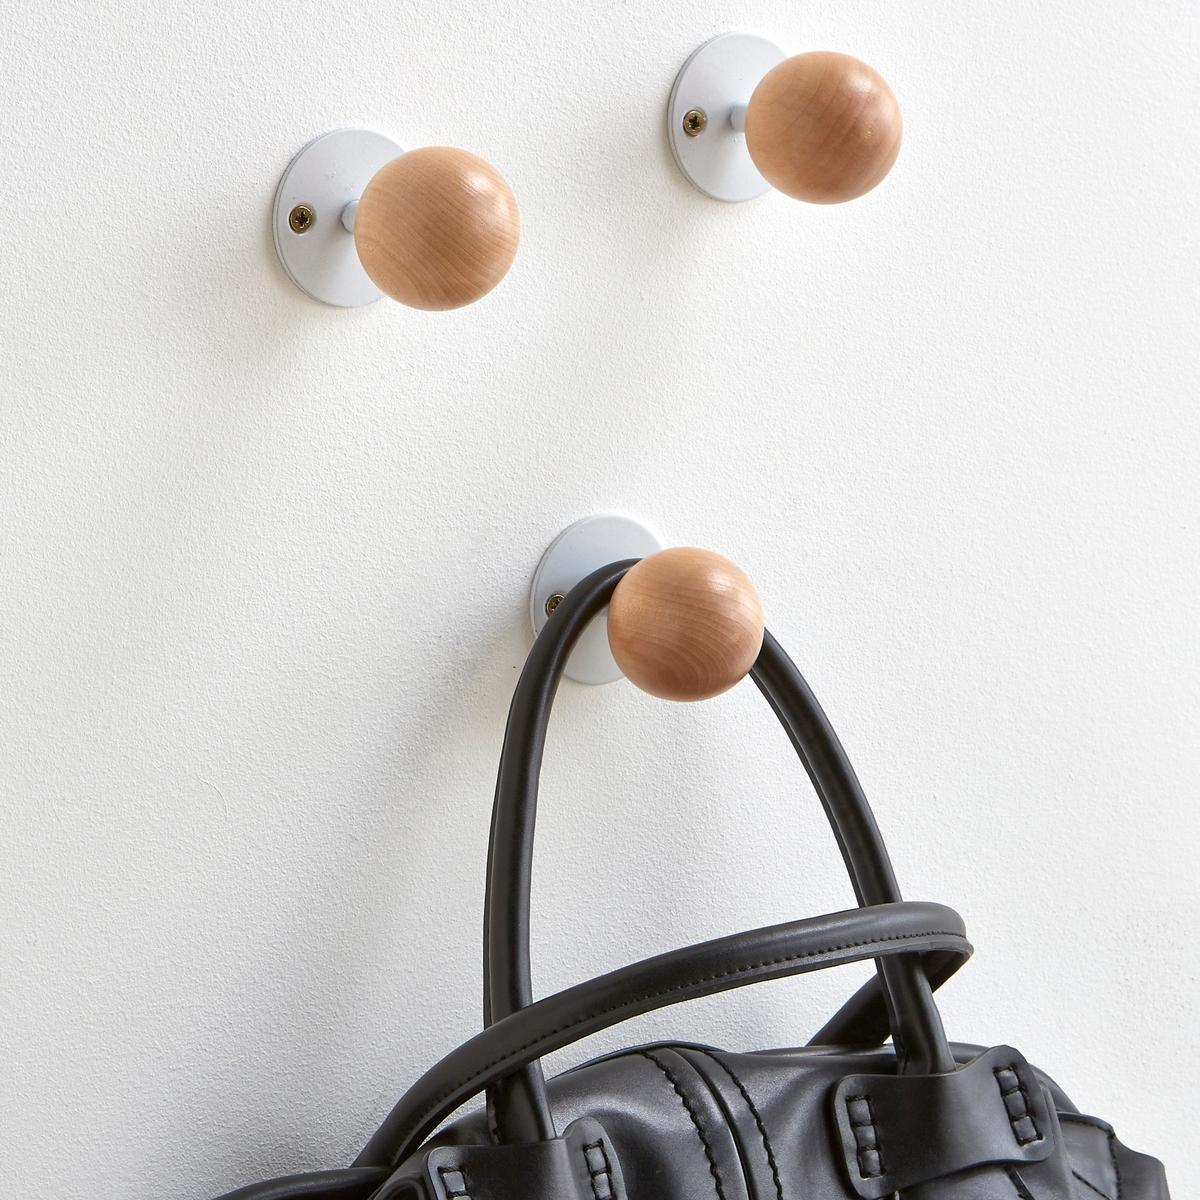 3 настенных вешалки с крючками AGAMA3 настенных вешалки с крючками из натуральной березы: располагайте их так, как Вам вздумается! Основание из металла с покрытием белым или черным лаком. Крепления в комплект не входят.Размеры 1 вешалки:Диаметр: 5 см.<br><br>Цвет: белый<br>Размер: единый размер